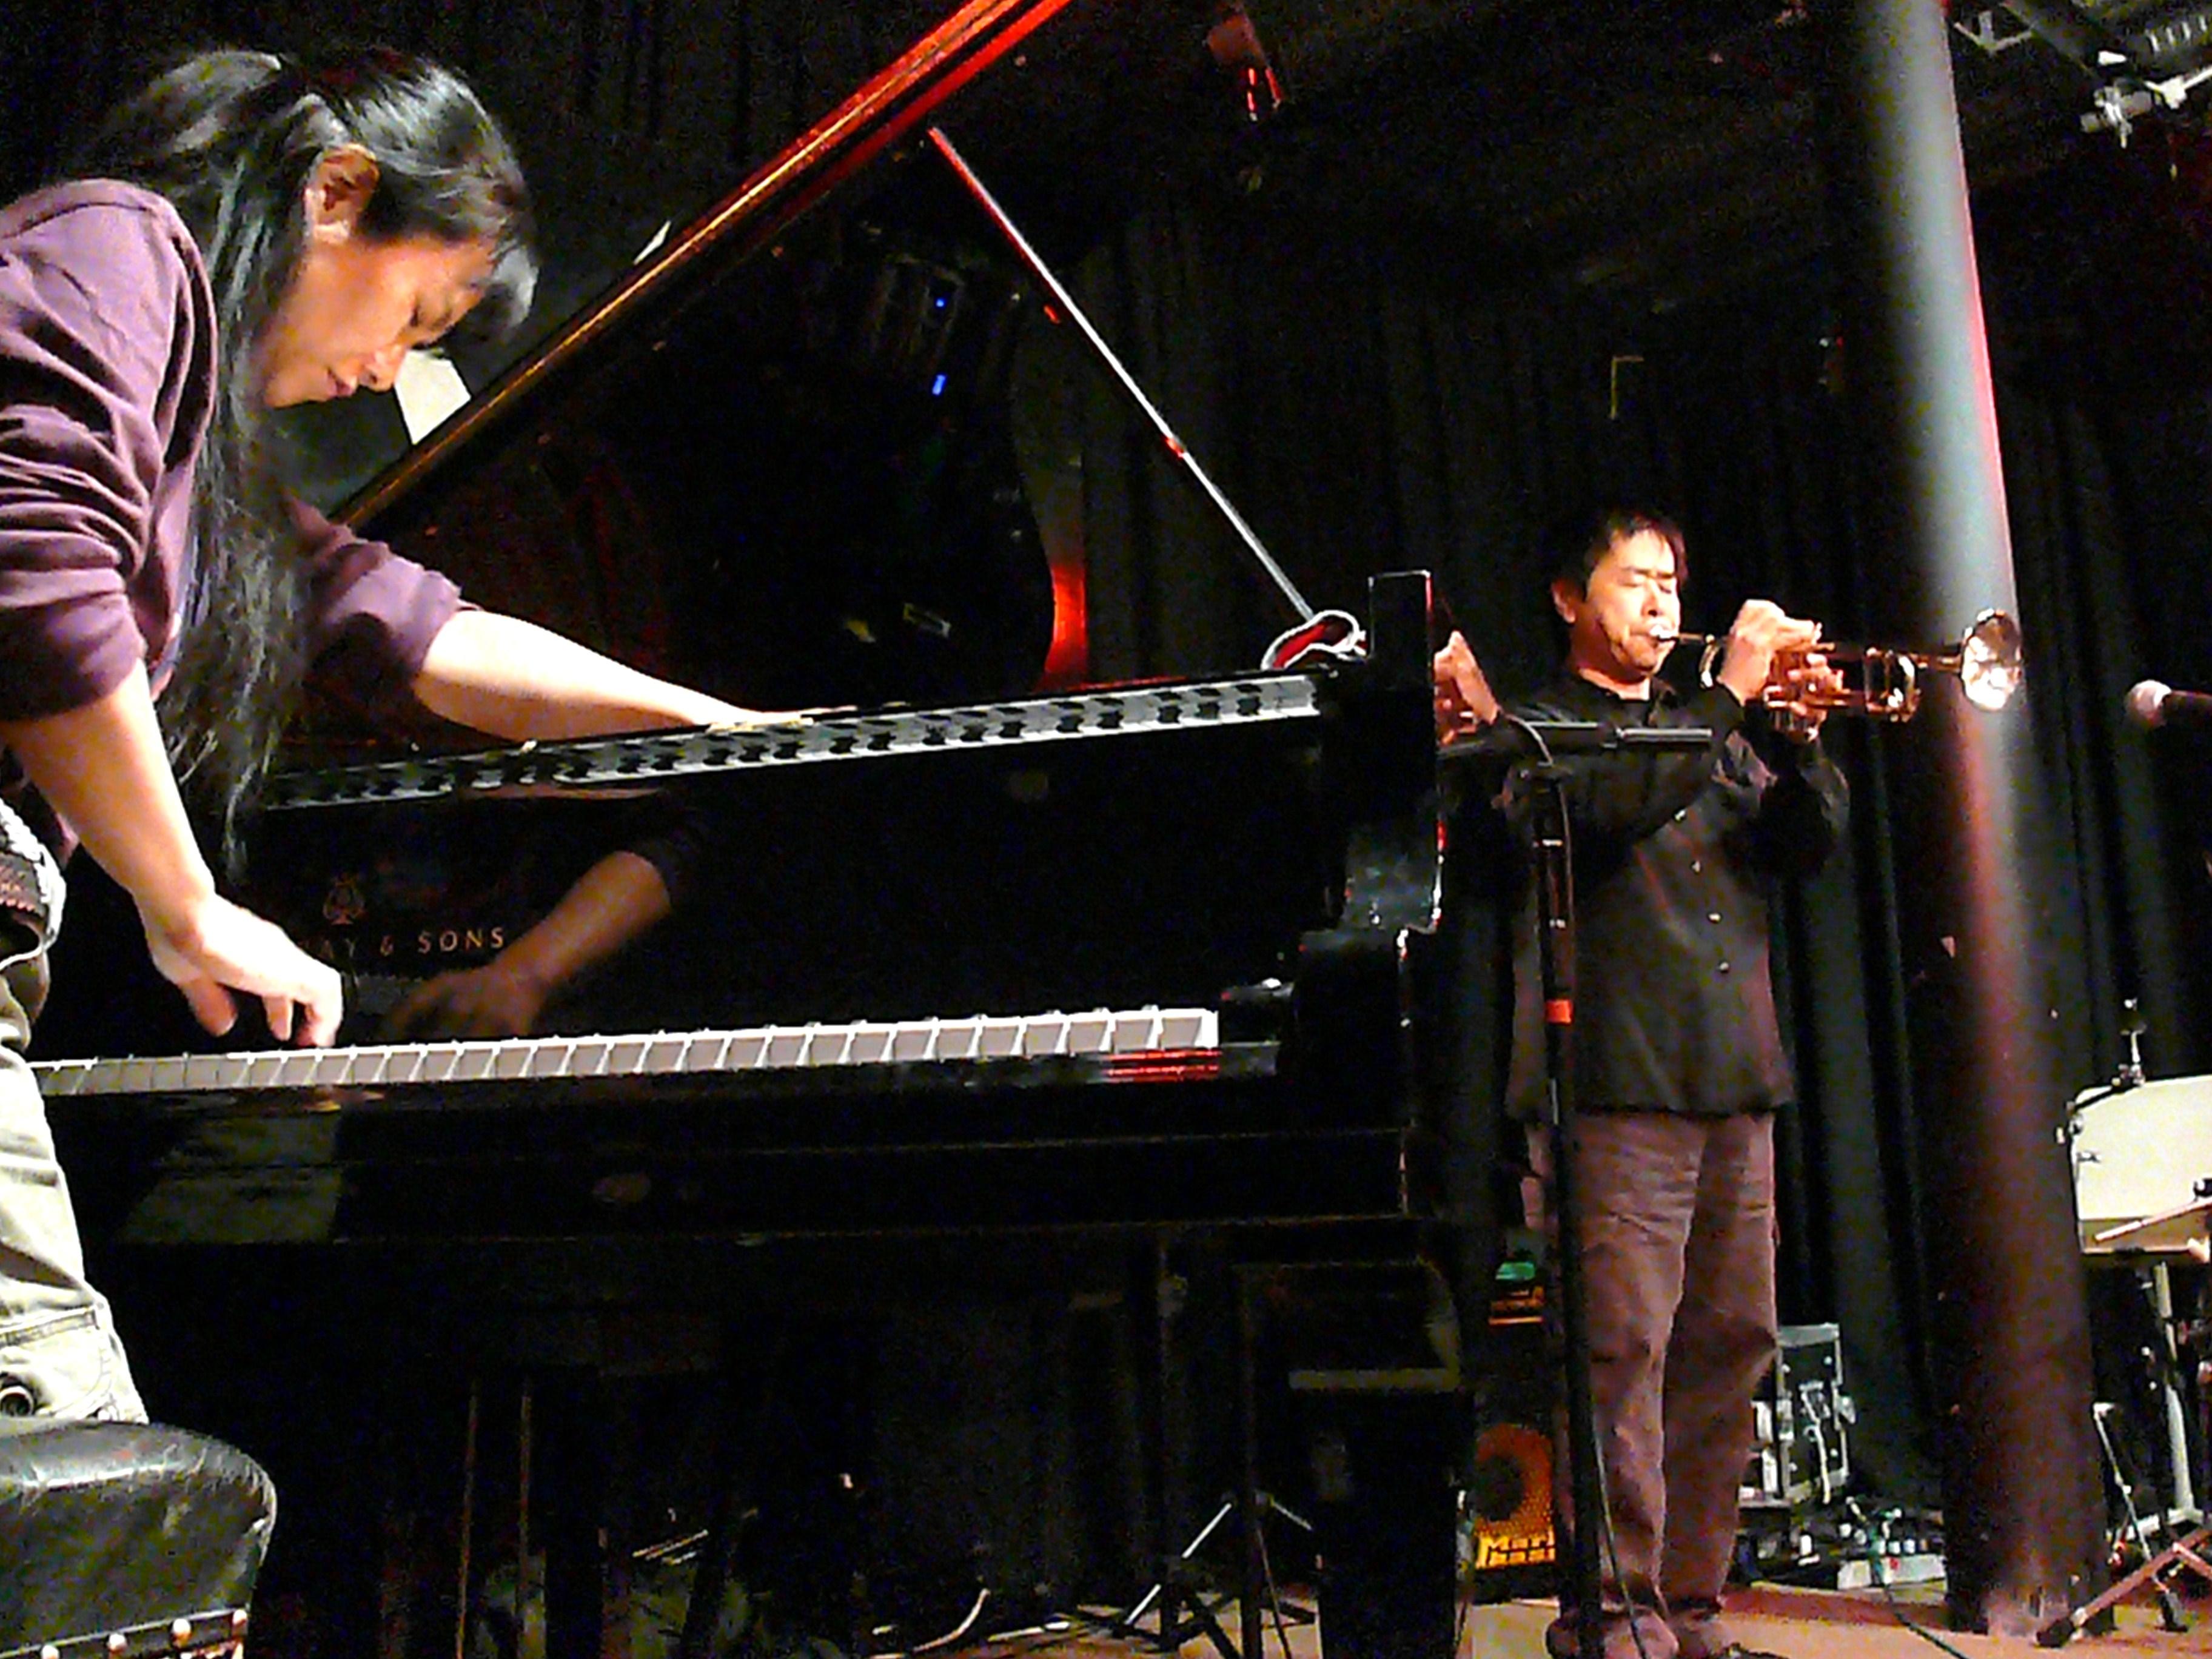 Satoko Fujii and Natsuki Tamura at the Vortex, London, April 2010